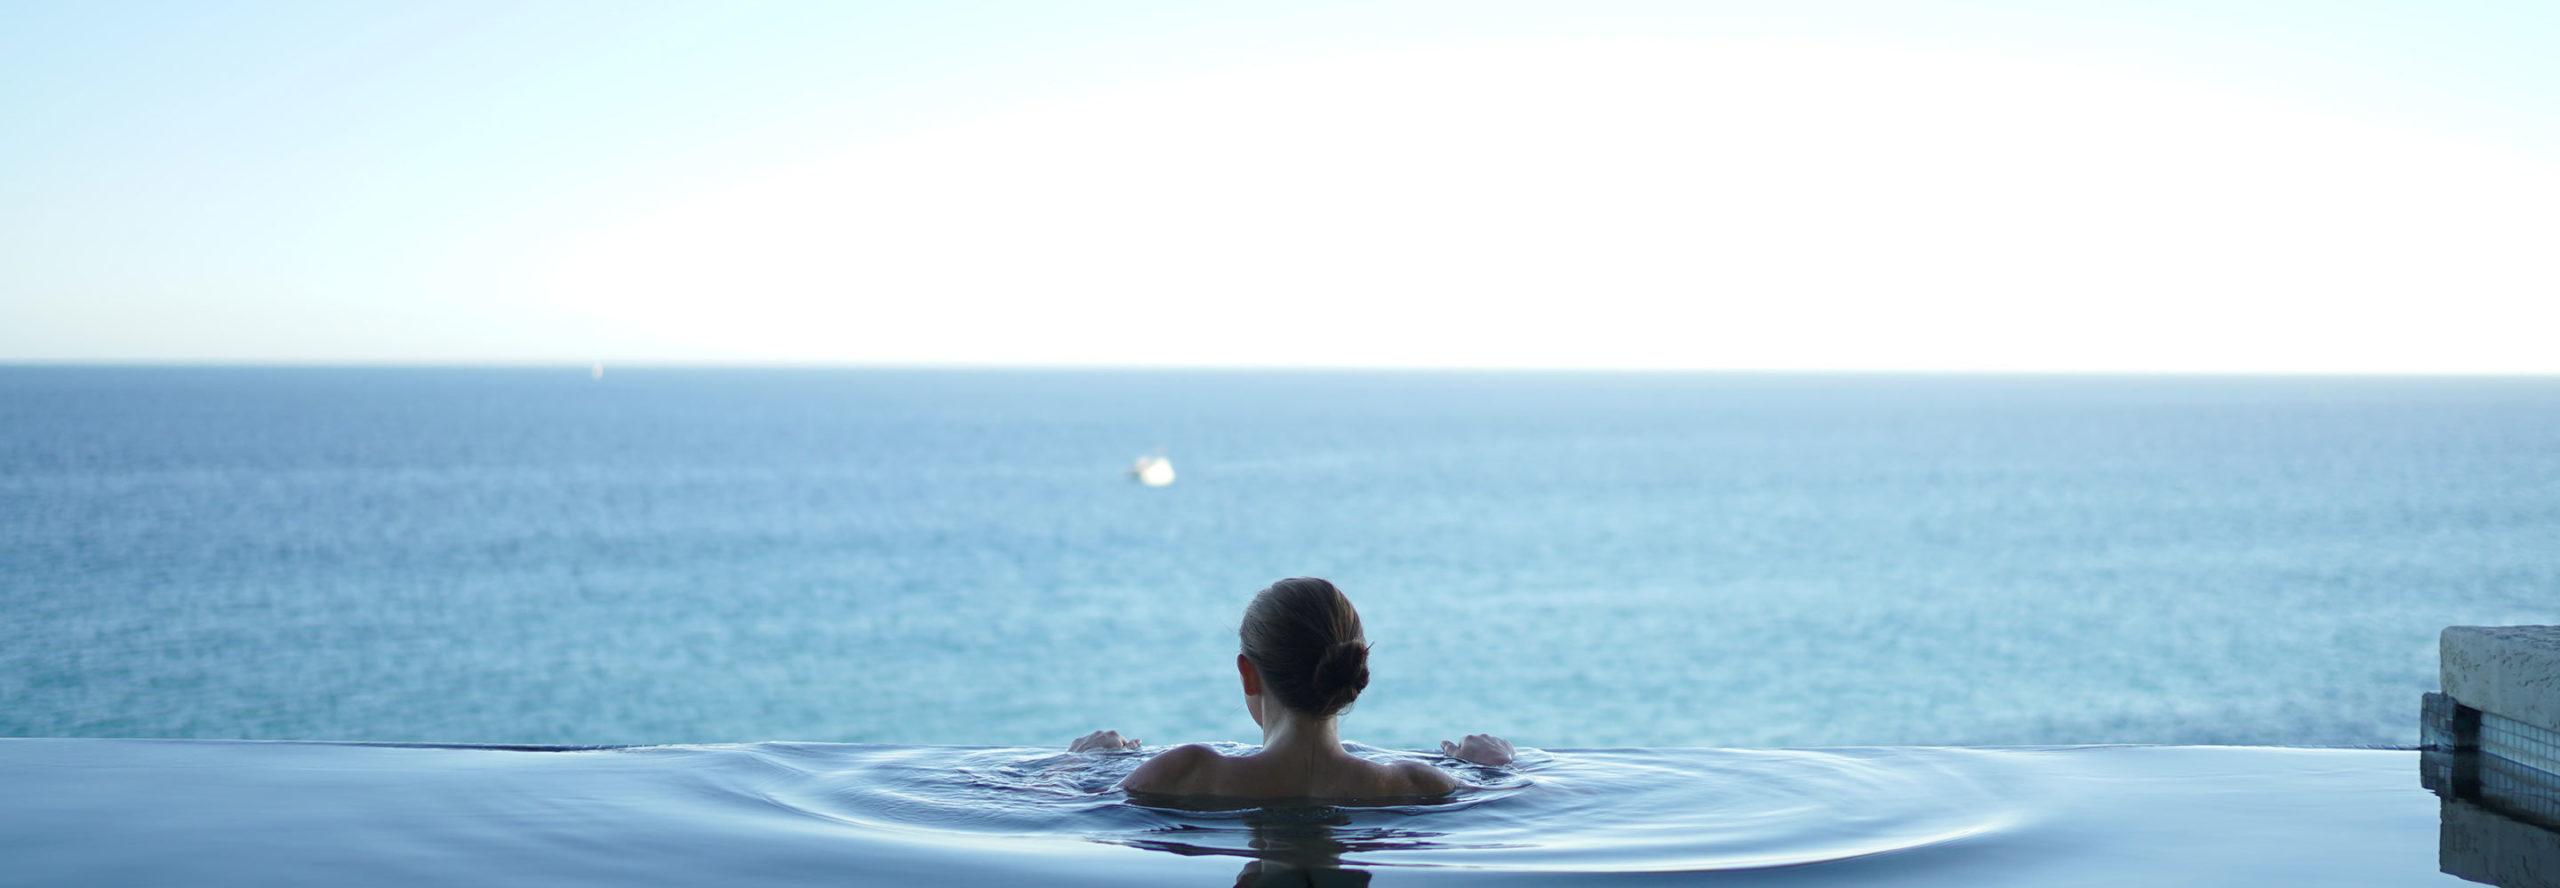 Woman enjoying a wellness retreat